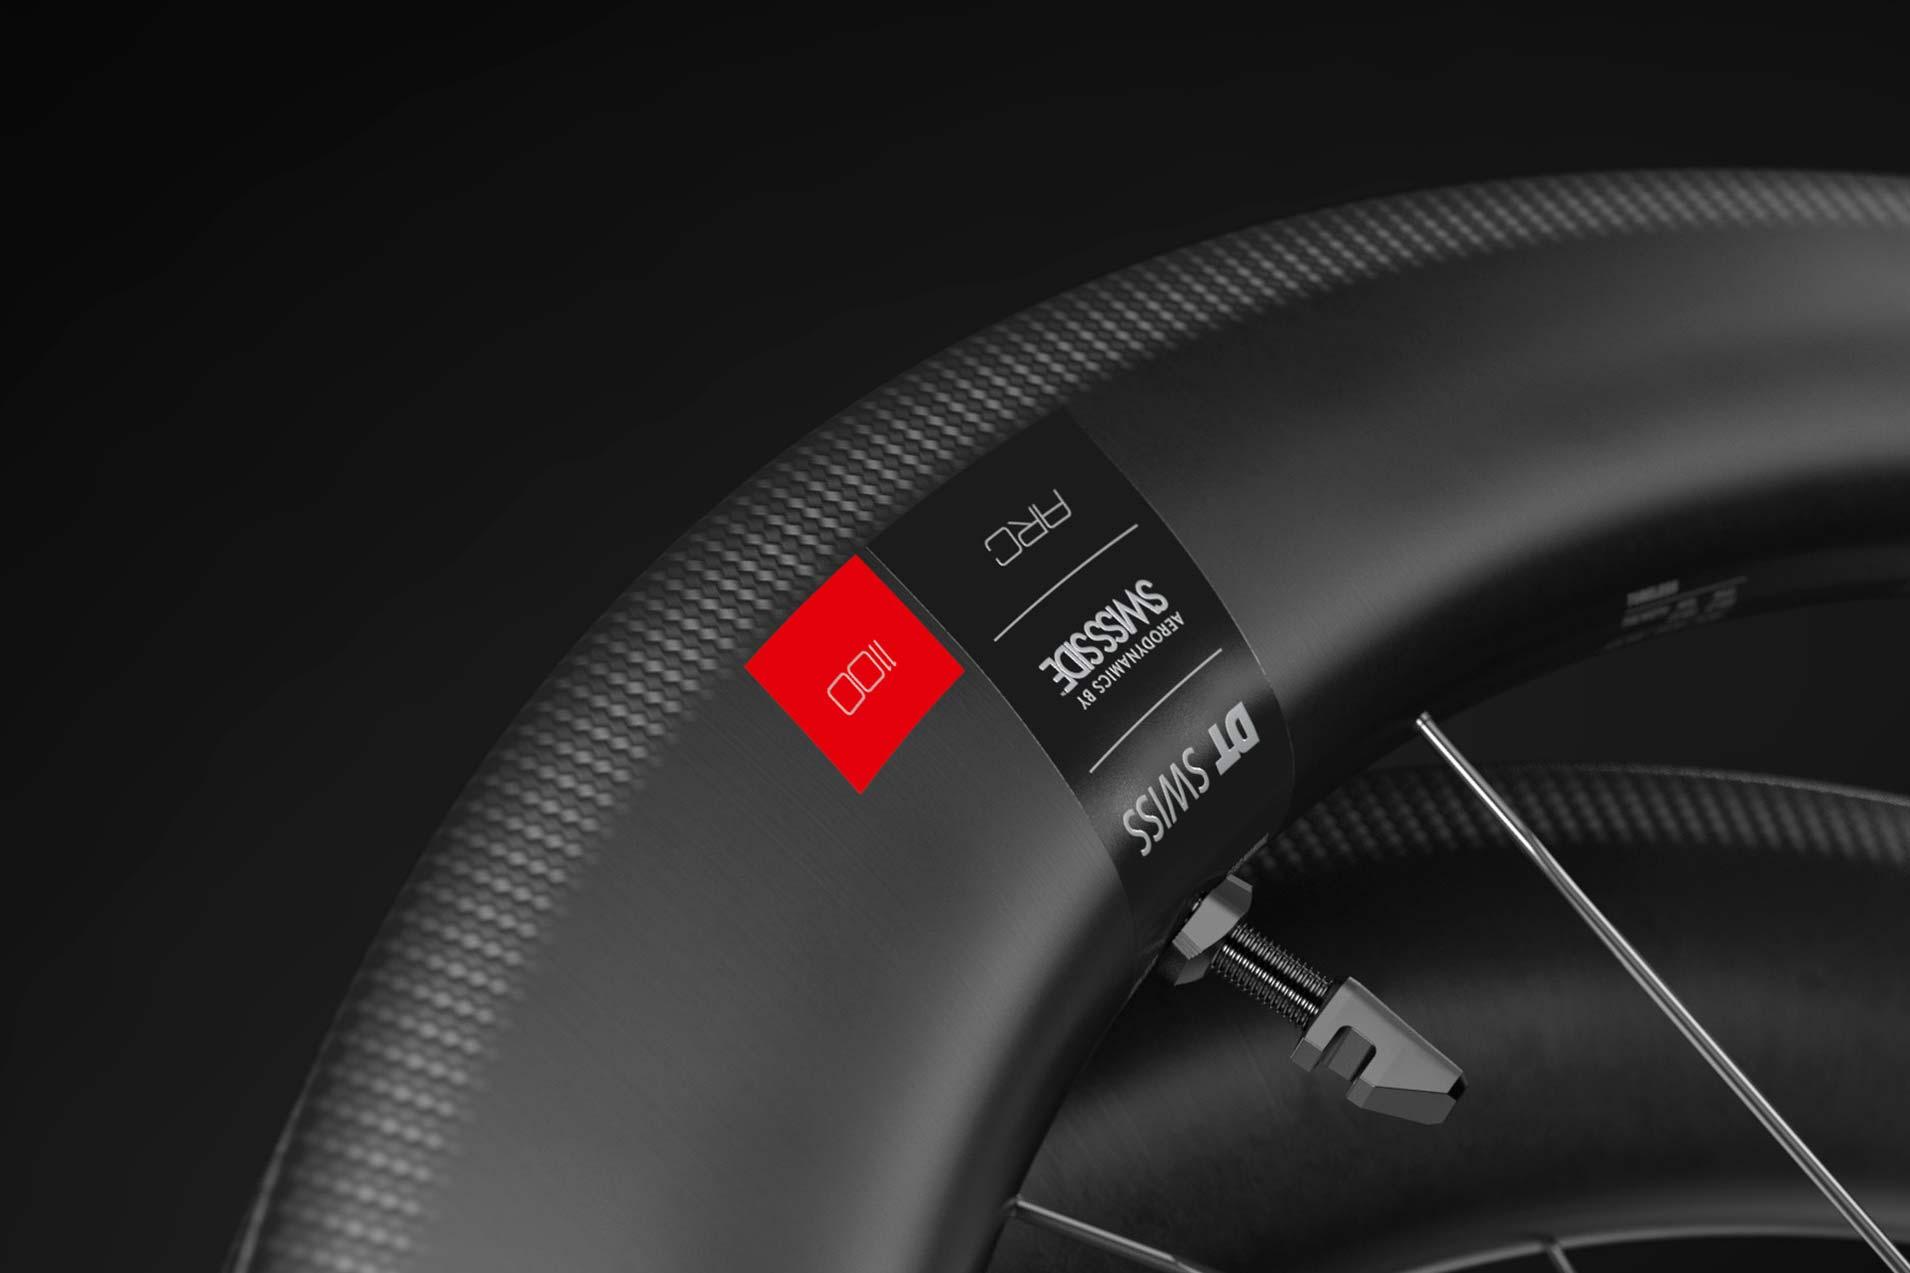 DT Swiss ARC rim brake aero carbon tubeless road wheels,rim braking surface detail